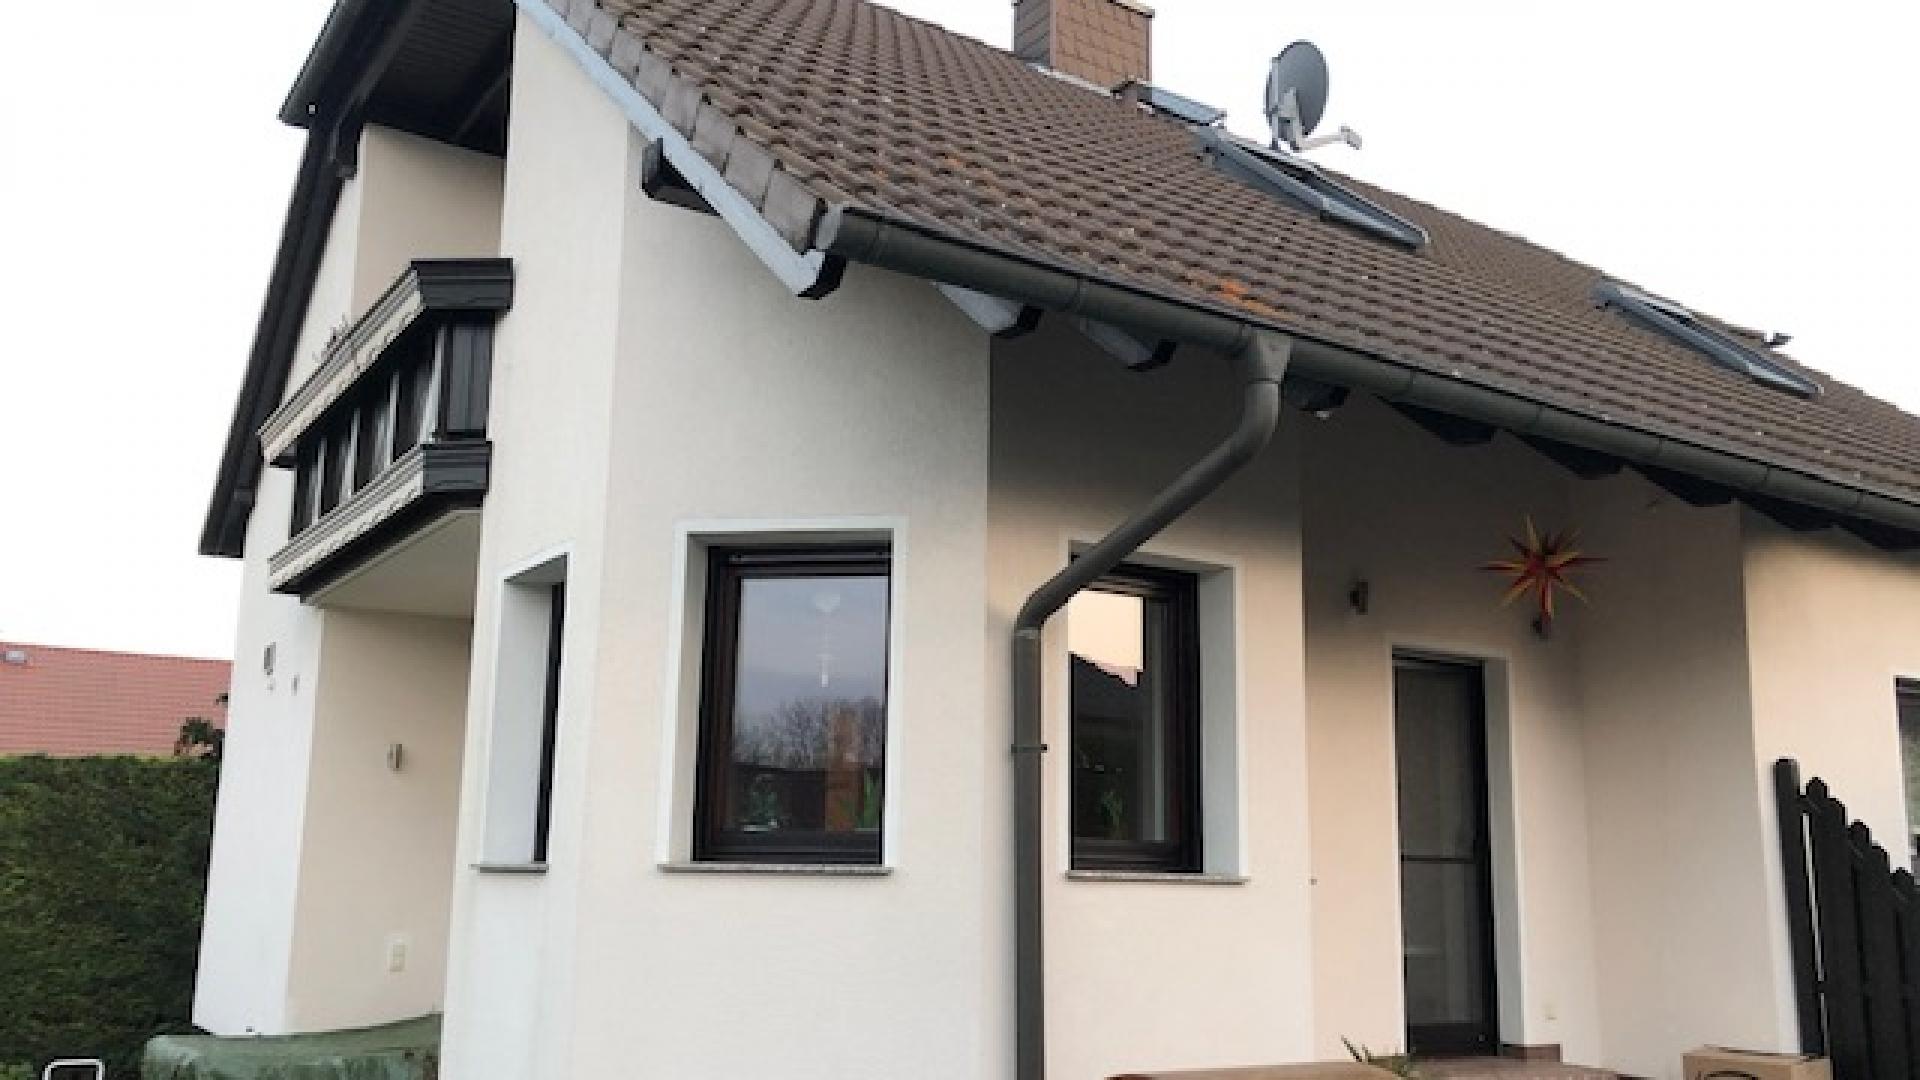 Ihr neues Zuhause vor den Toren der Stadt Merseburg